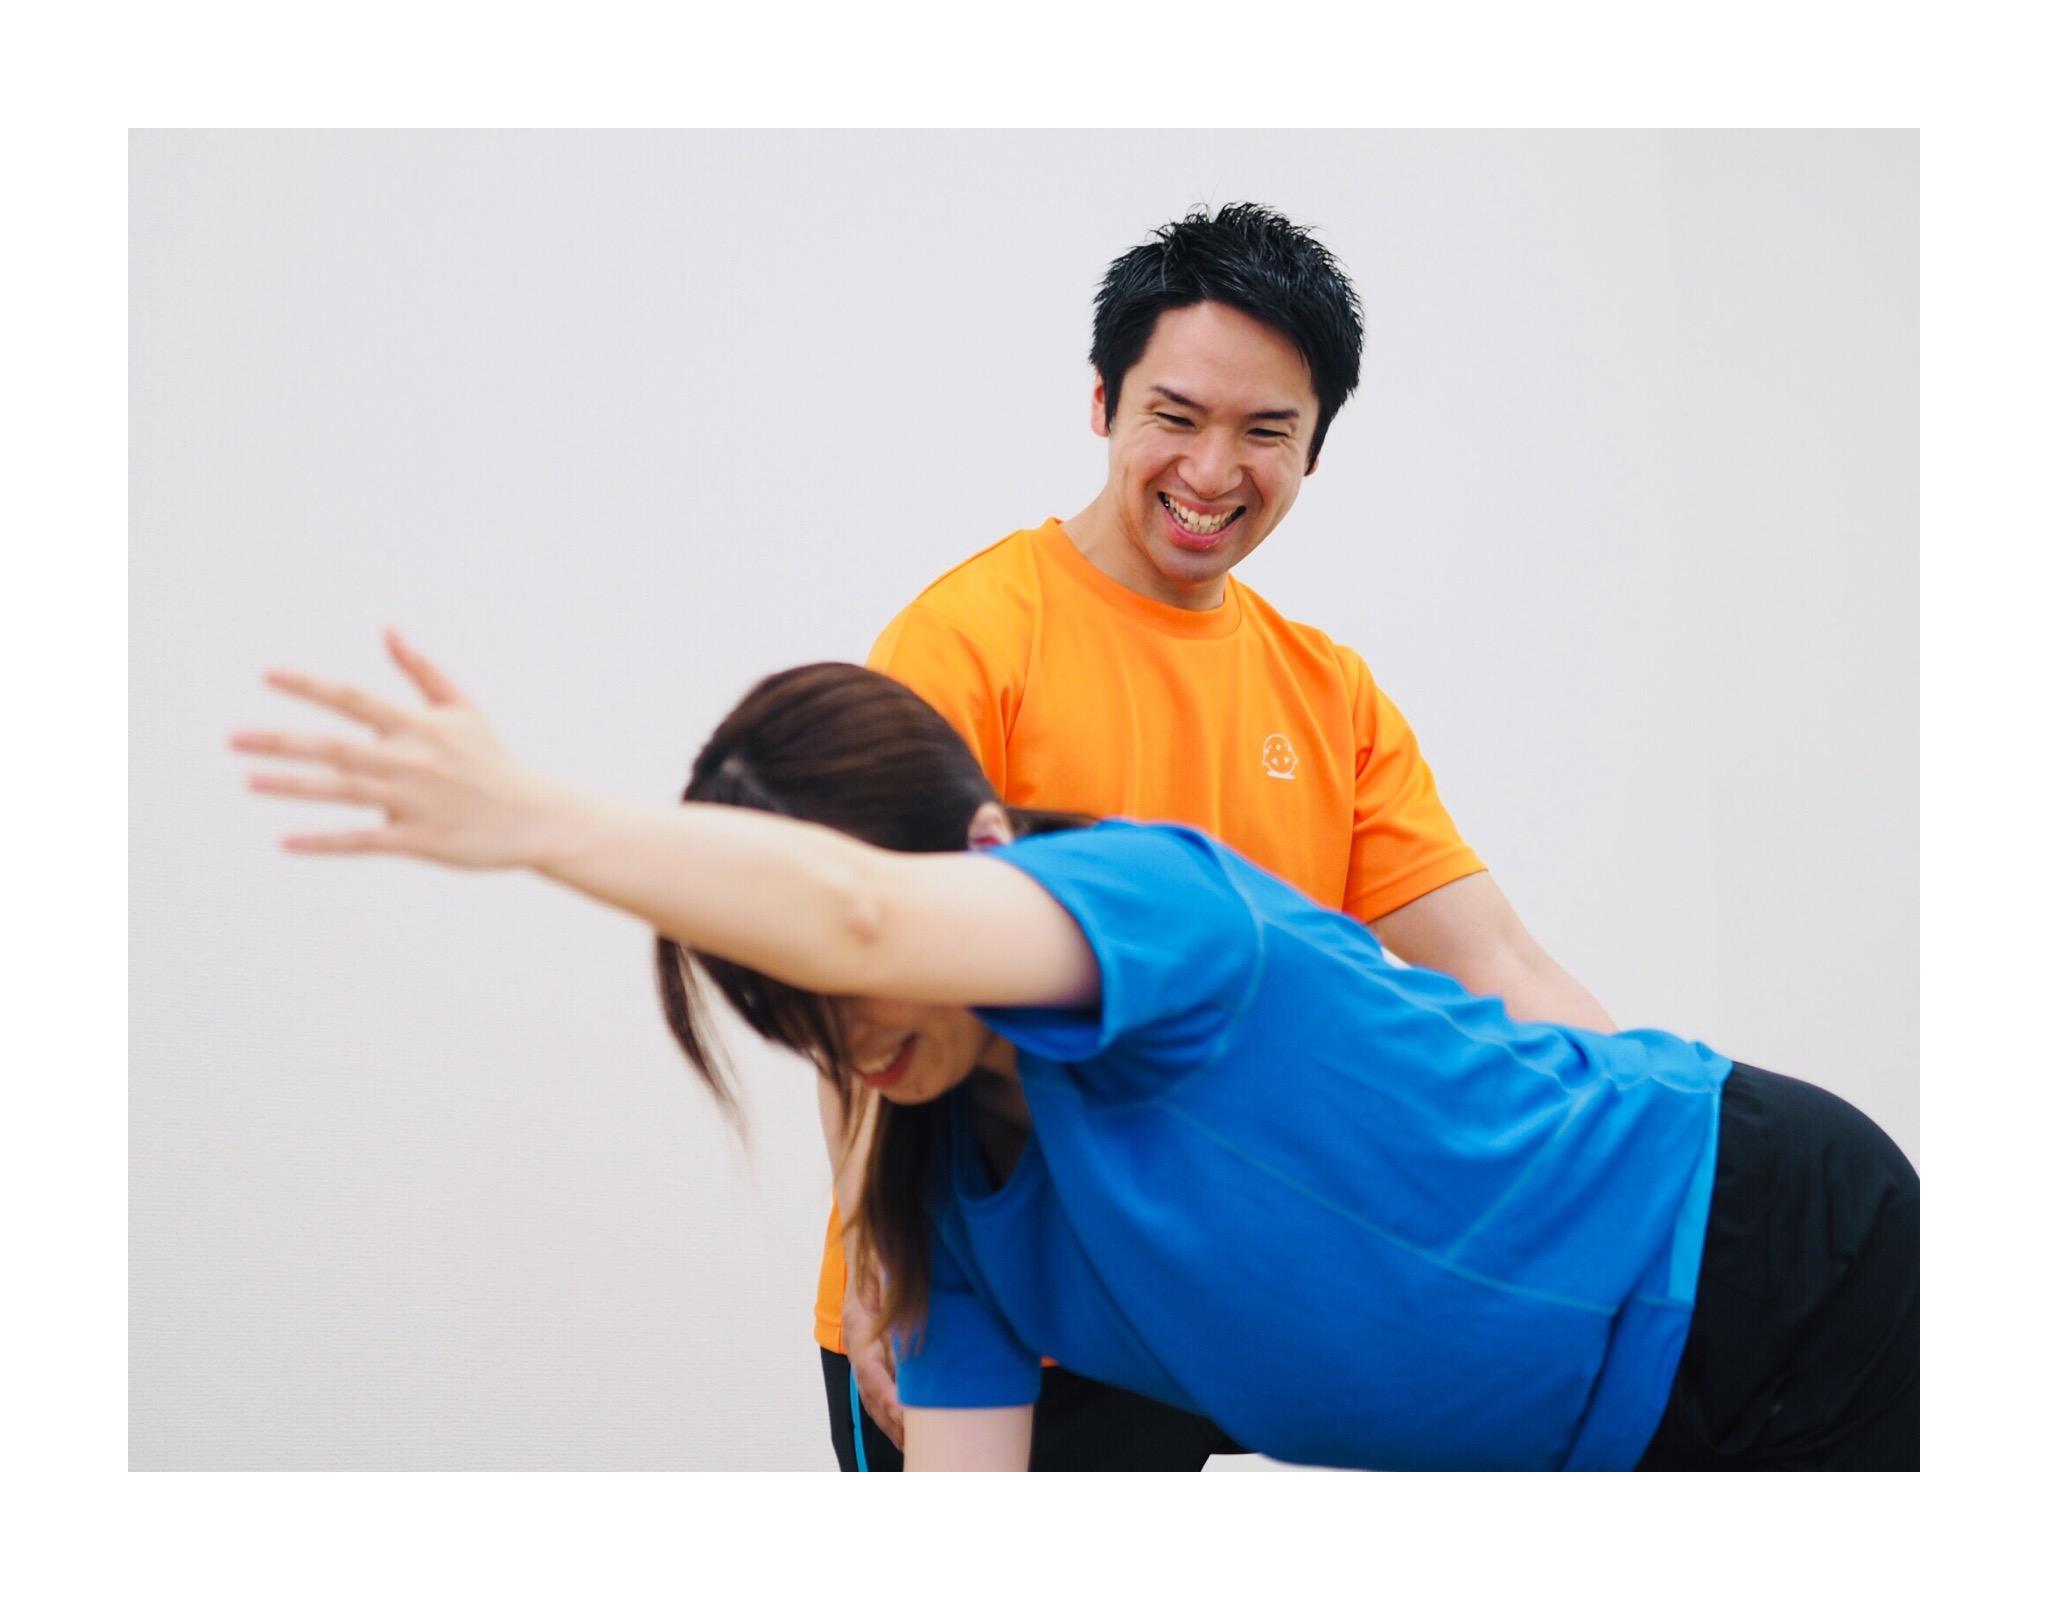 『温めるより効果的!コアトレで冷えからくる肩こり・腰痛・冷え症改善体験会』